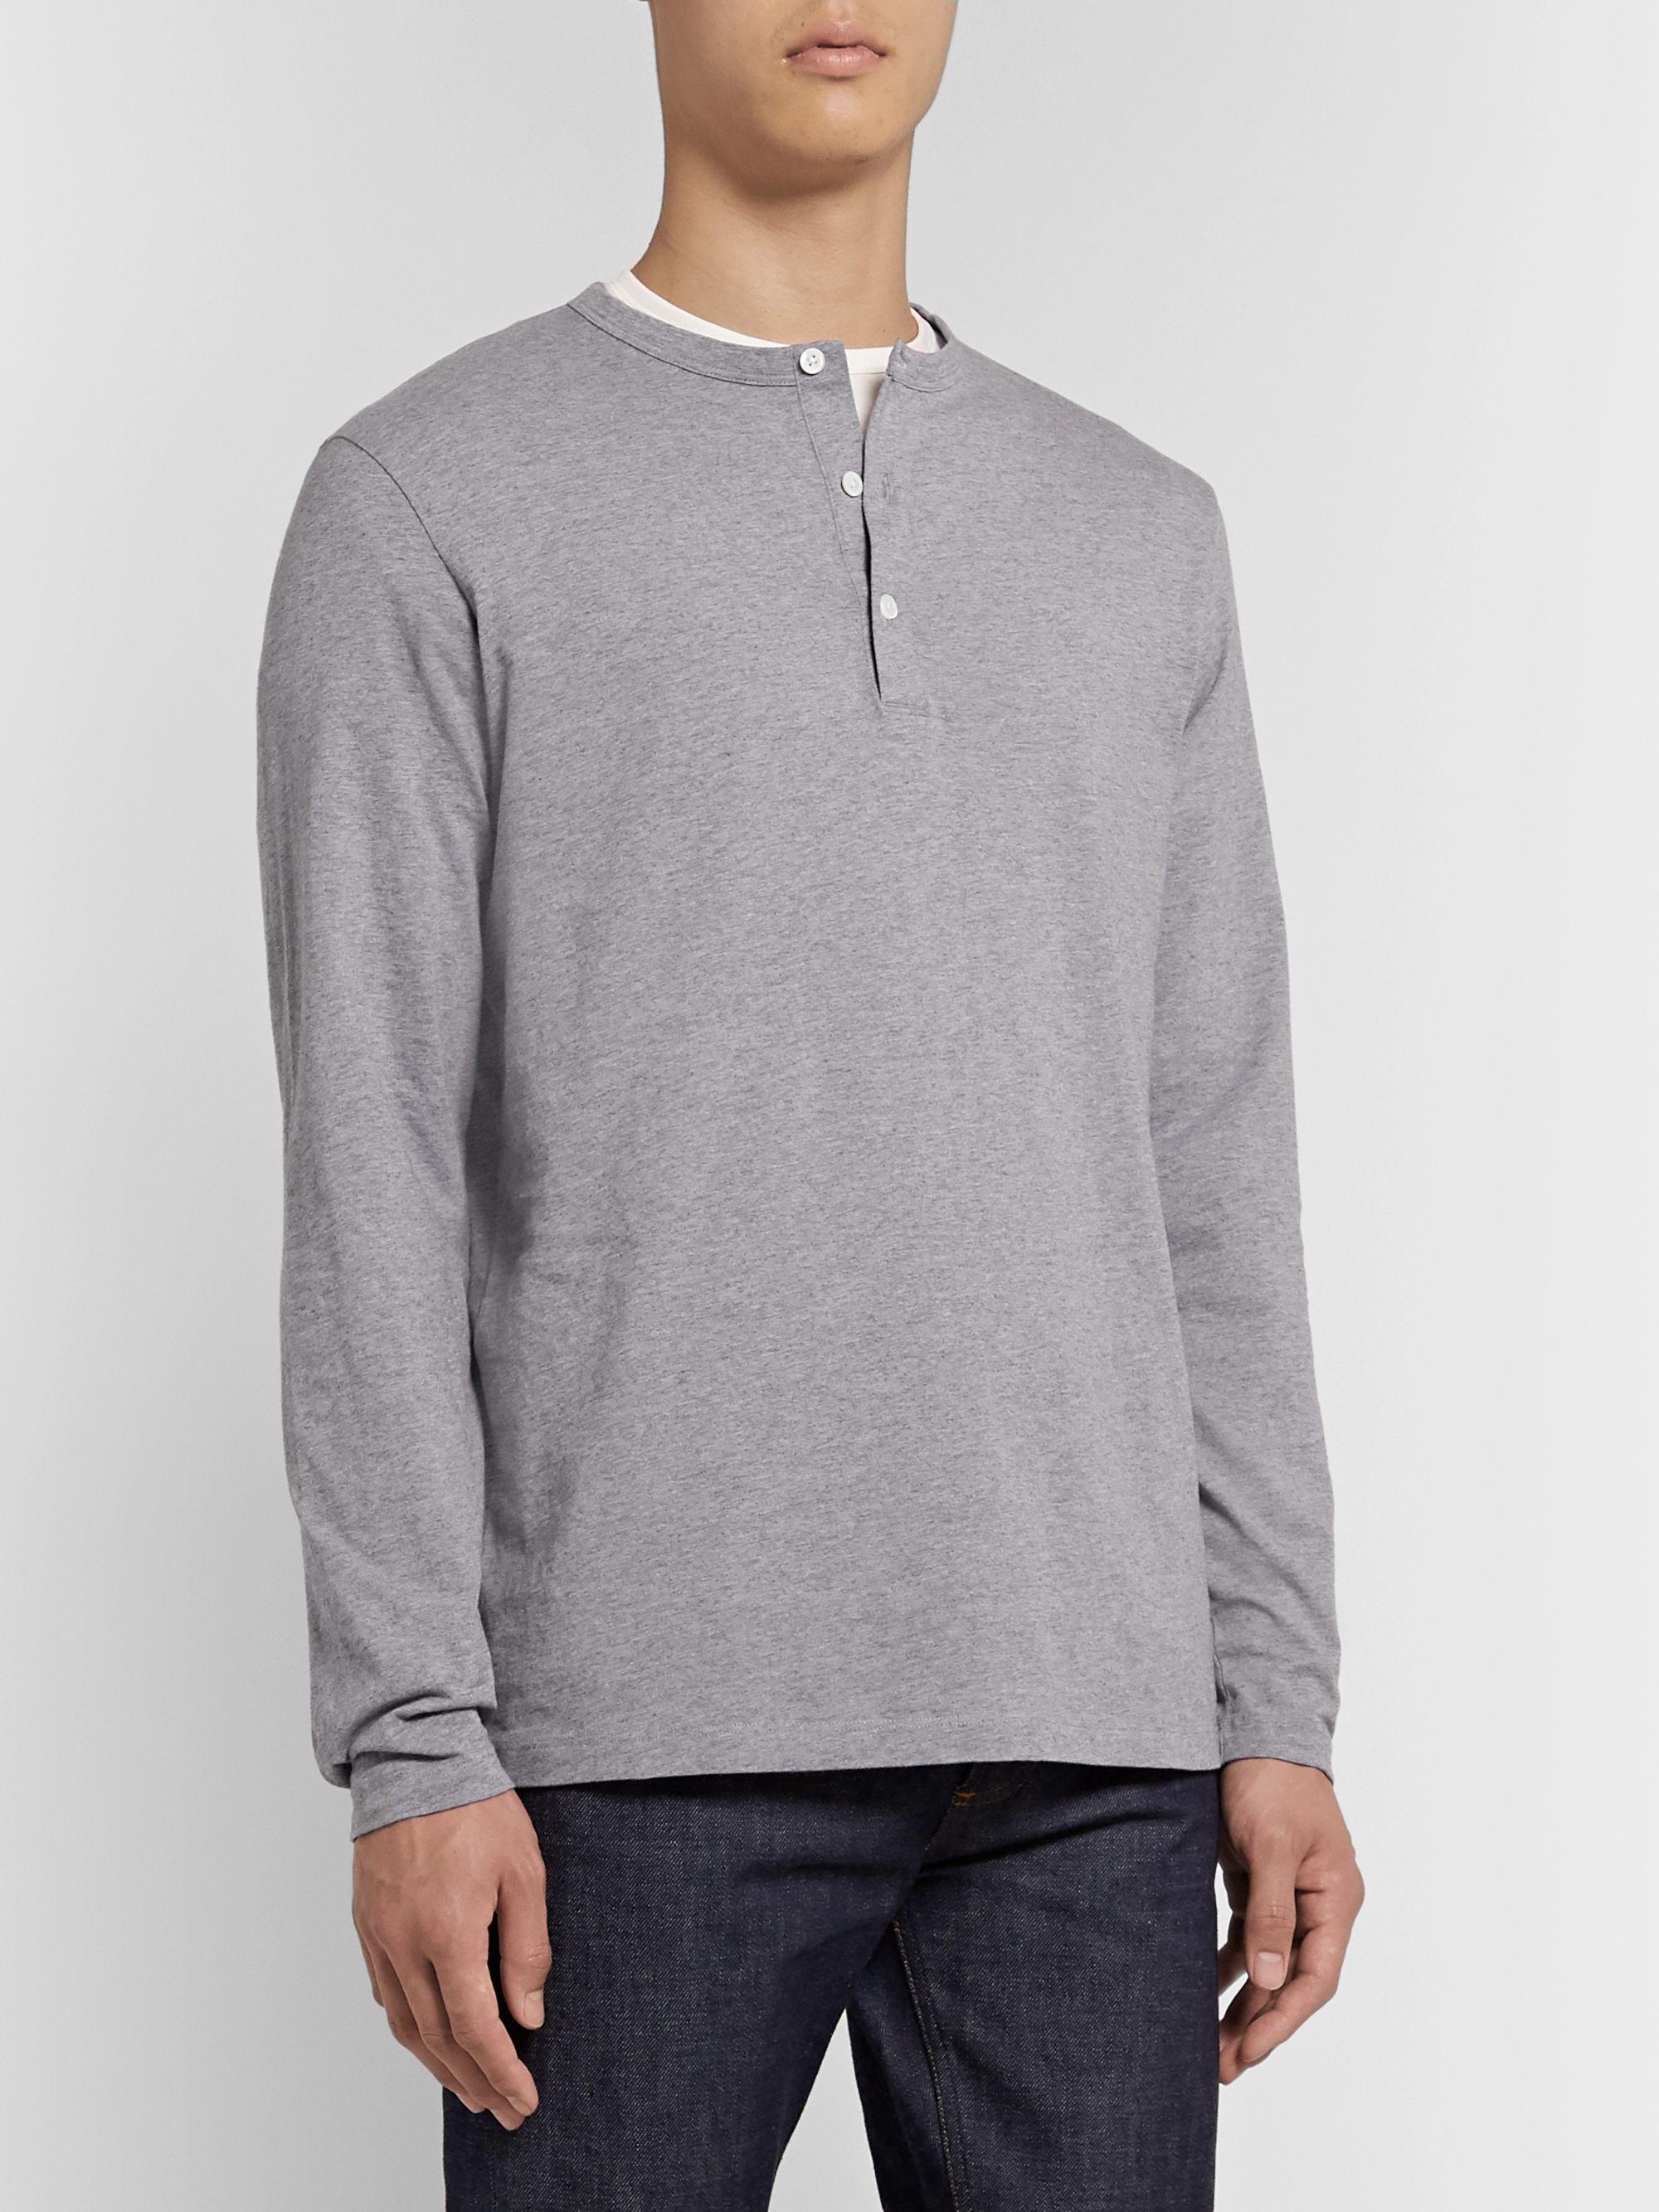 Henley style Top | Light gray melange | Women | H&M US